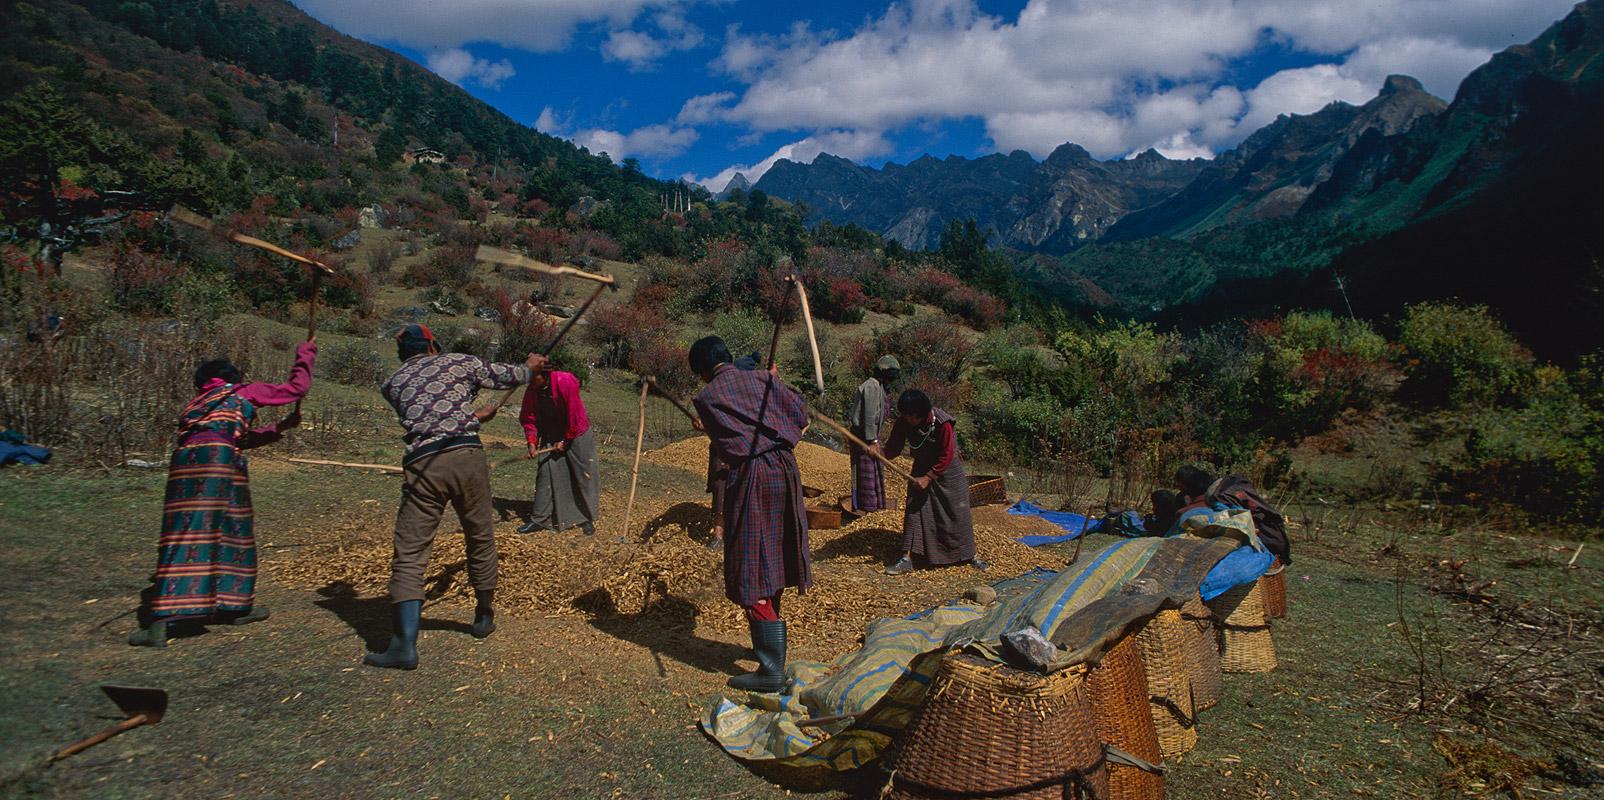 Villagers threshing wheat Bronica ETRSi, 50mm, Fuji Velvia